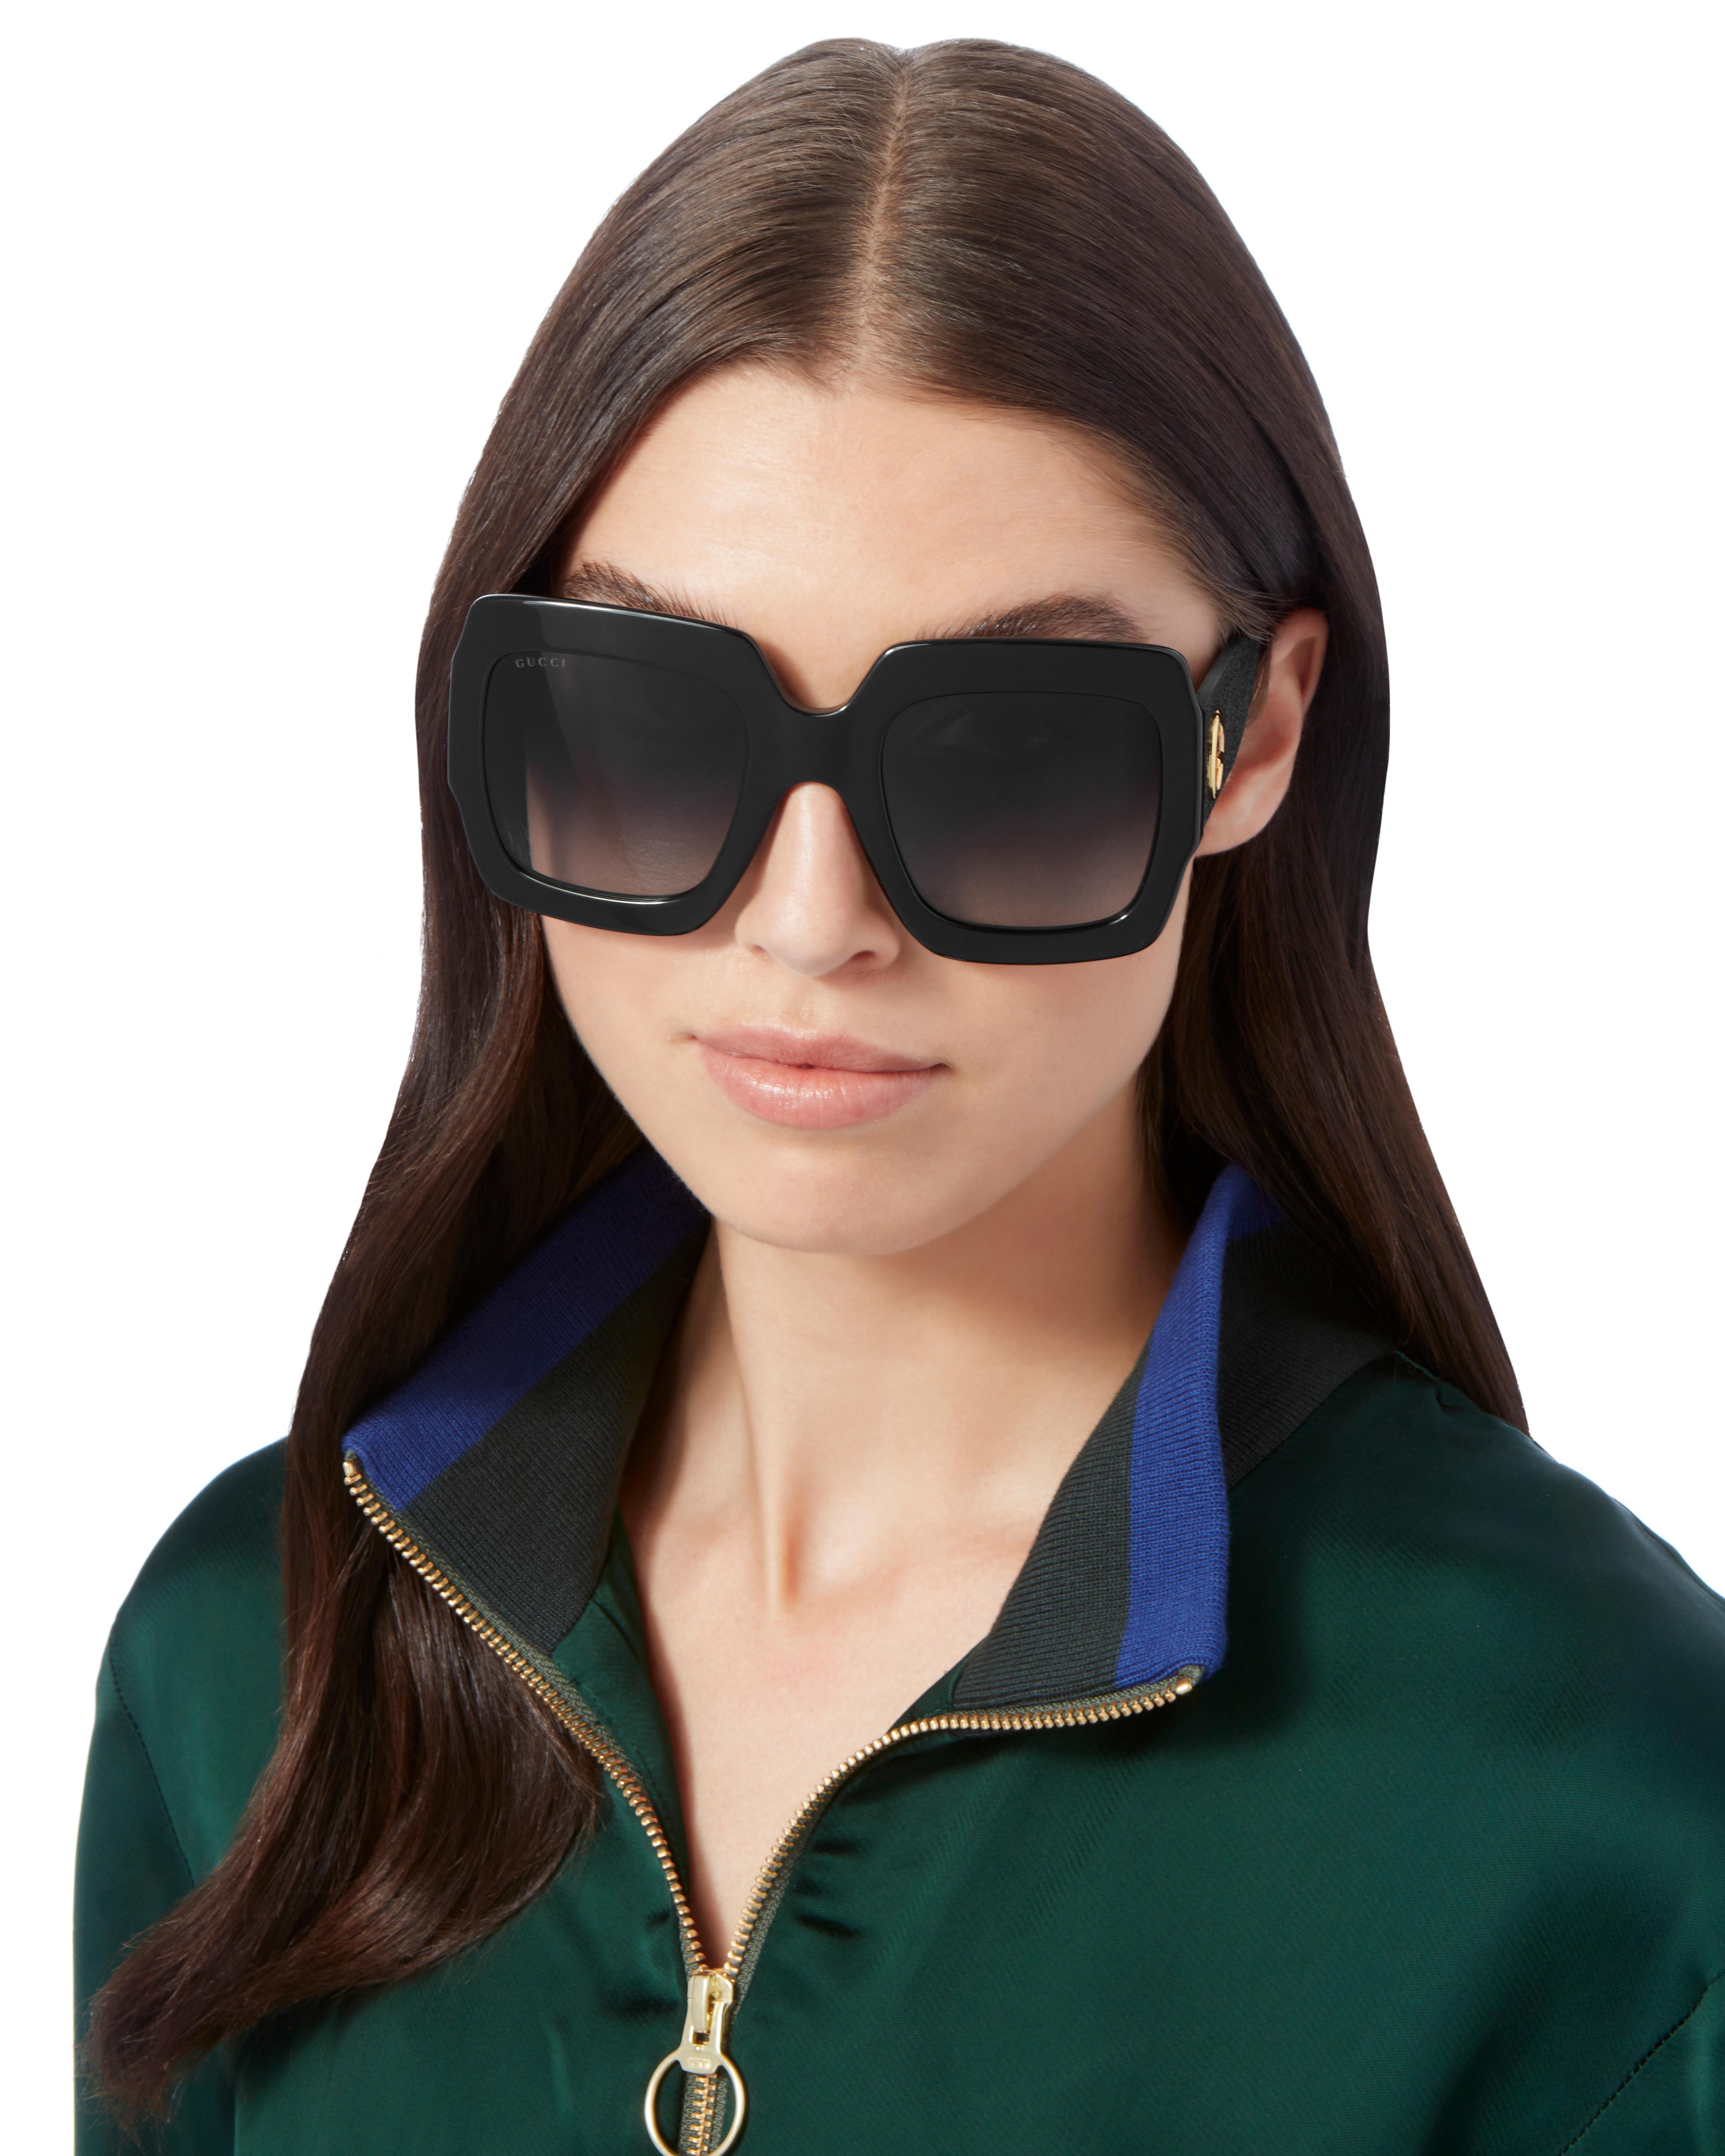 56bf6a8e5b Lyst - Gucci Oversized Glitter Square Sunglasses in Black